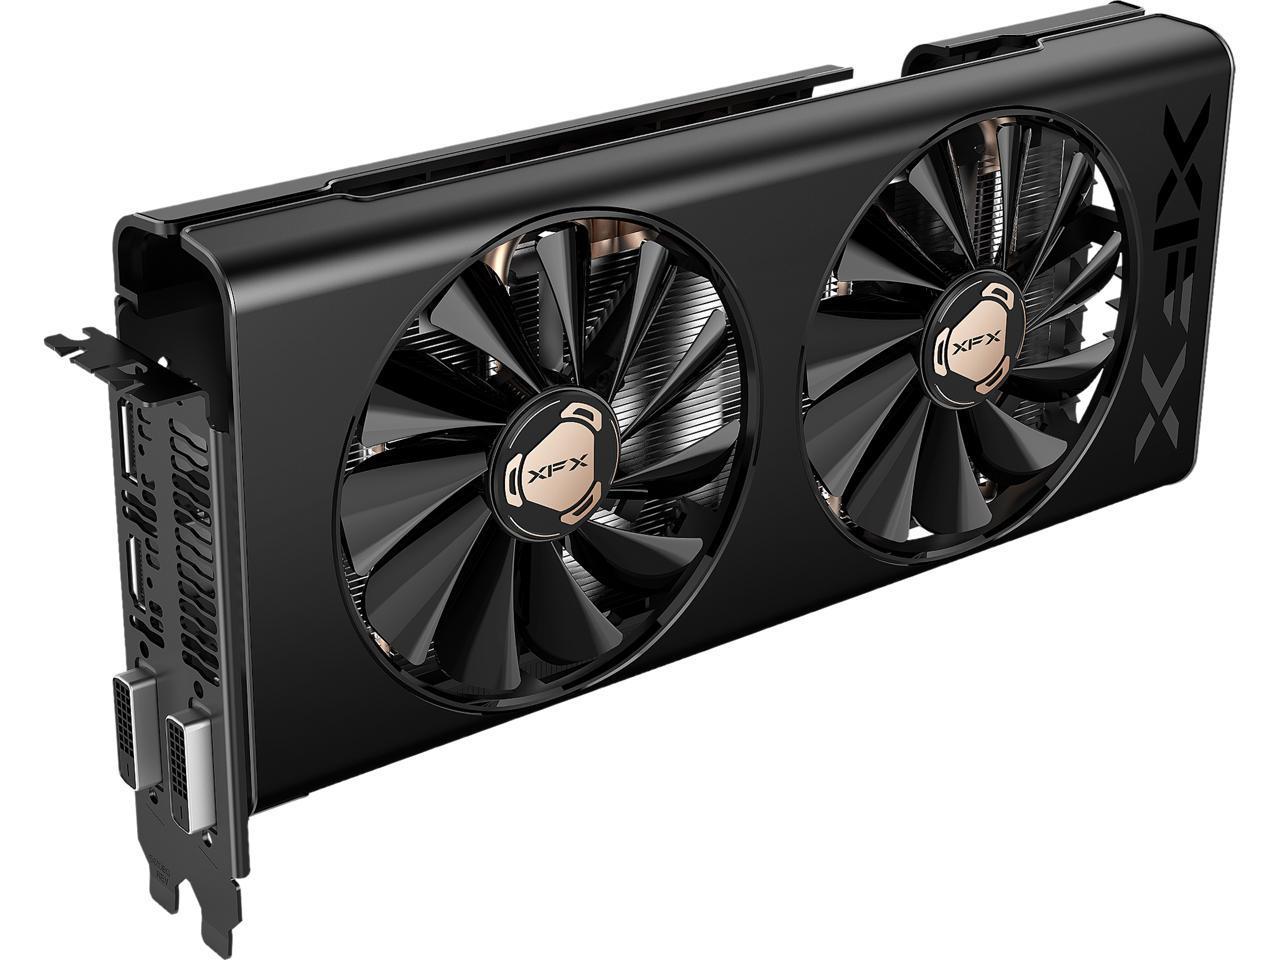 Xfx Radeon Rx 580 Directx 12 Rx 580p8rfd6 Video Card Newegg Com